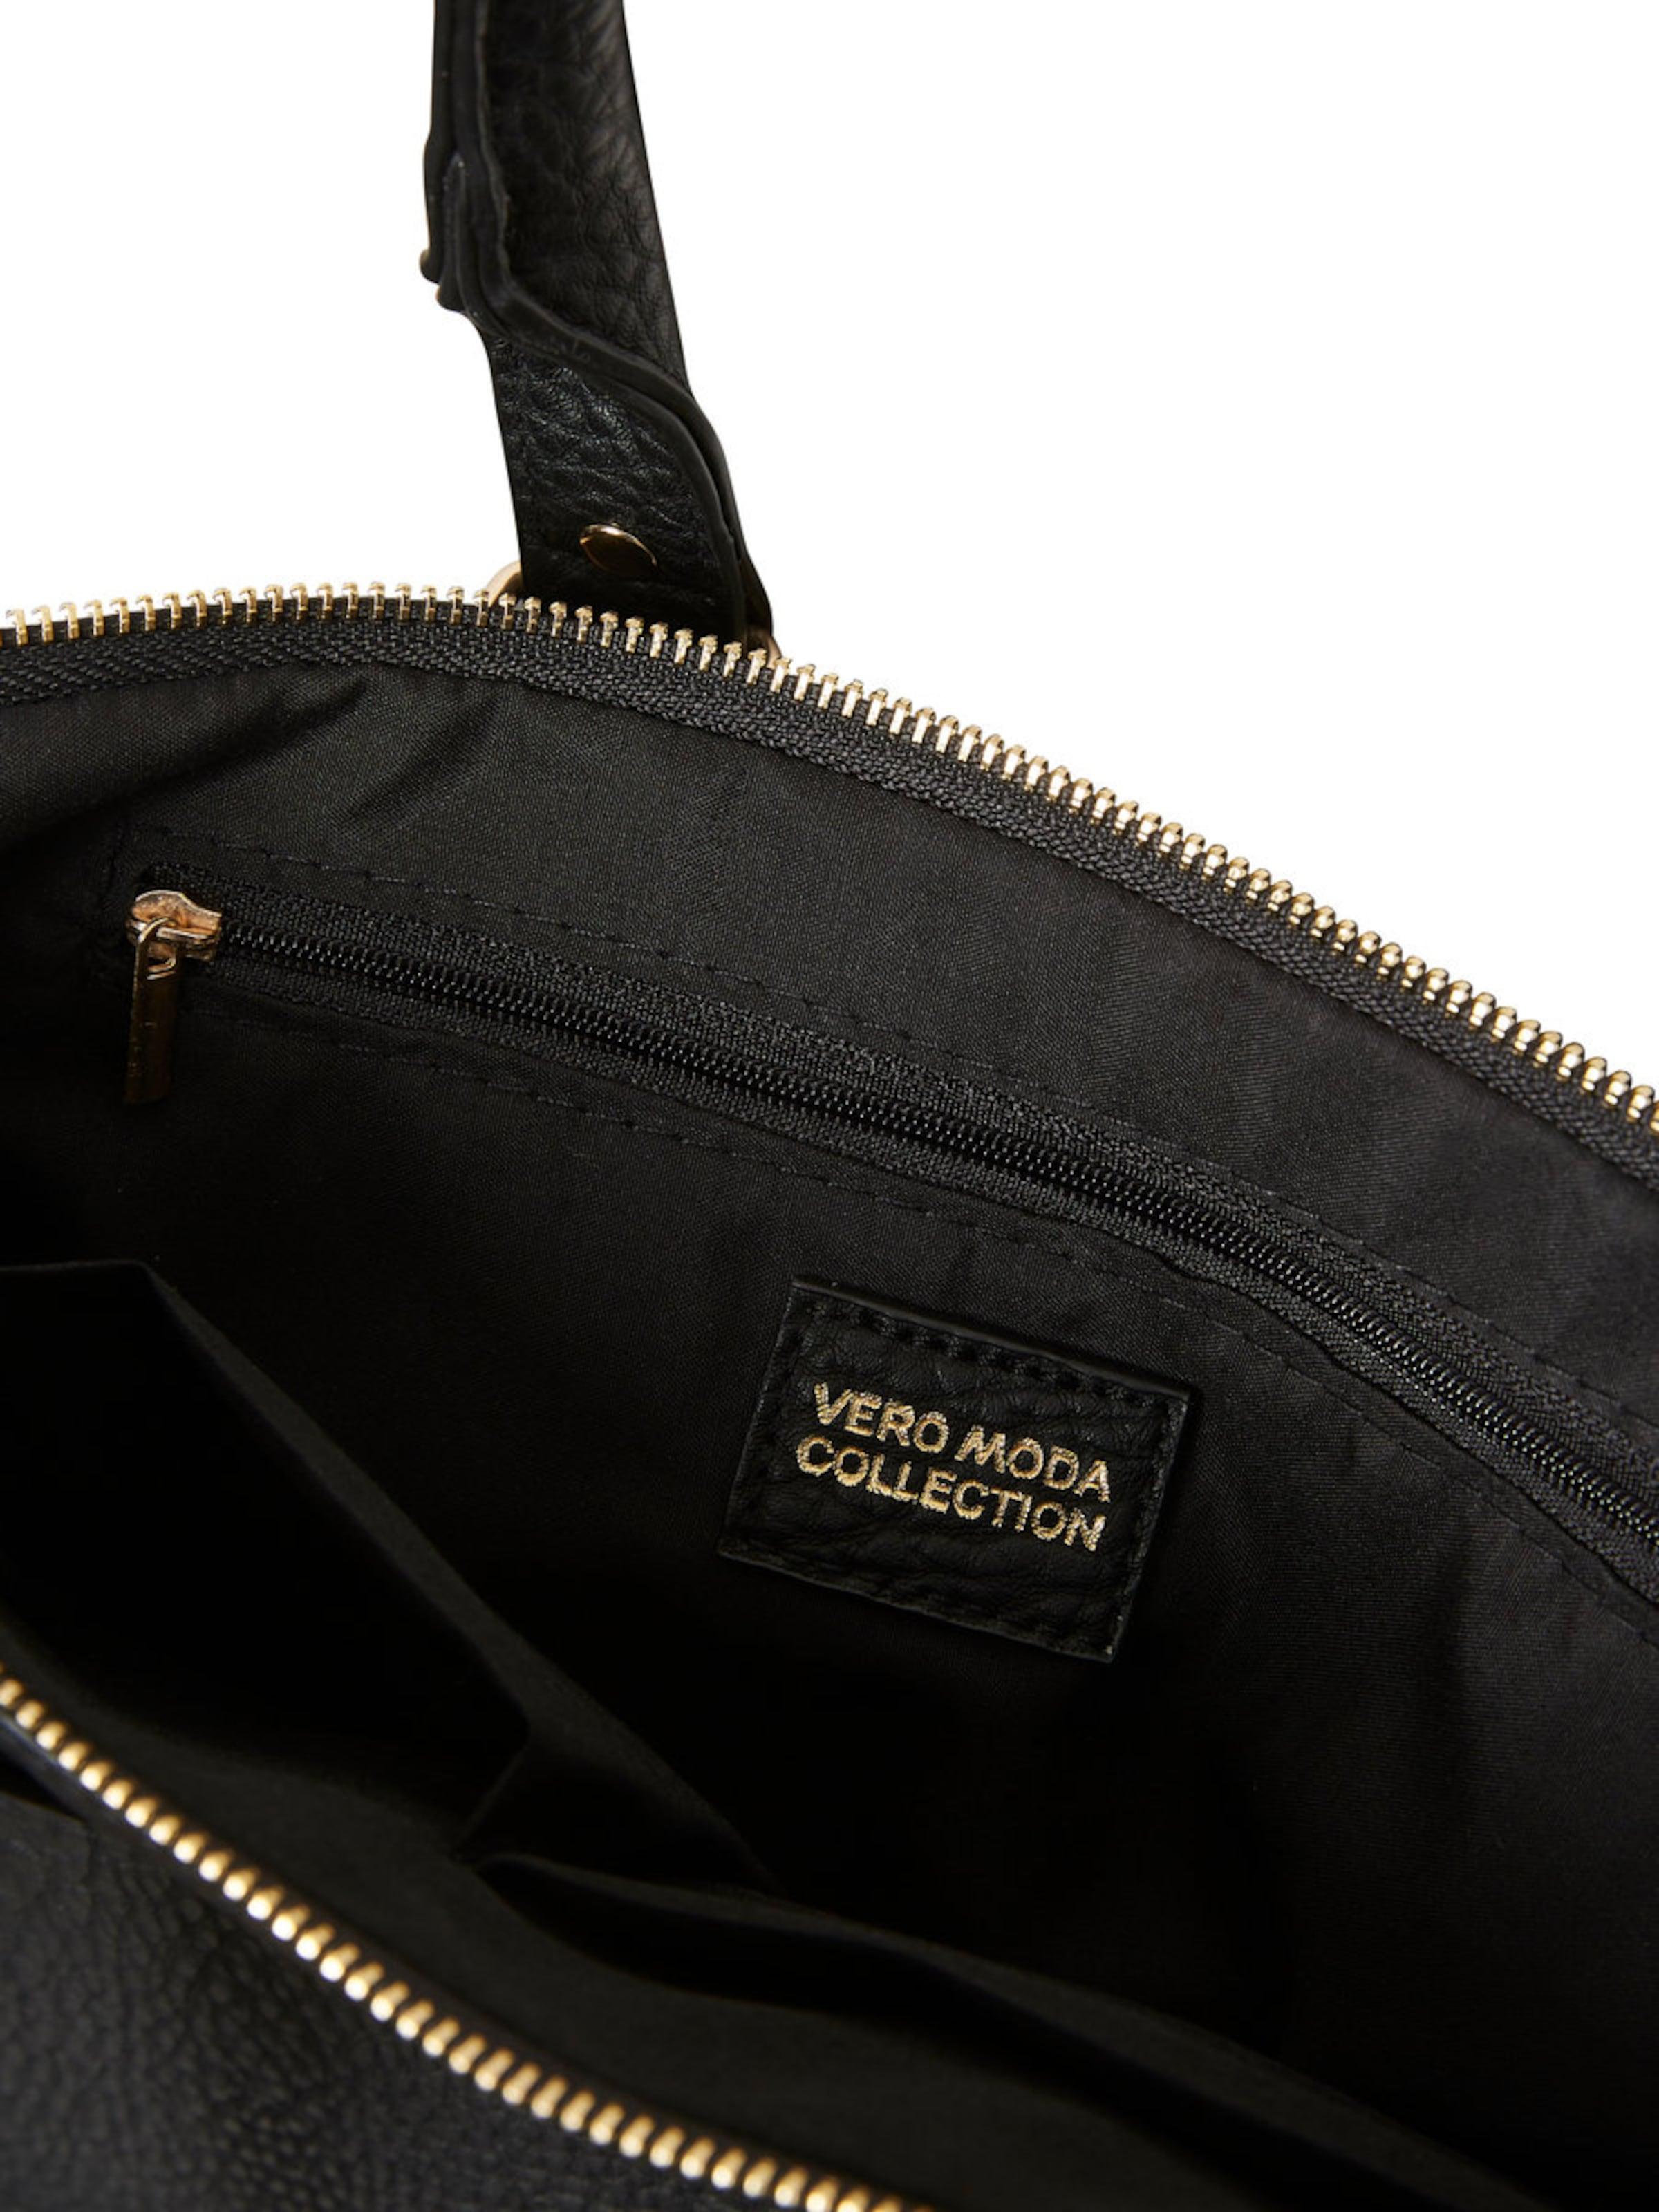 VERO MODA Große Feminine Freizeittasche Erstaunlicher Preis Günstiger Preis Freies Verschiffen Ursprüngliche Billig Kaufen Strapazierfähiges o7k6cCpDj